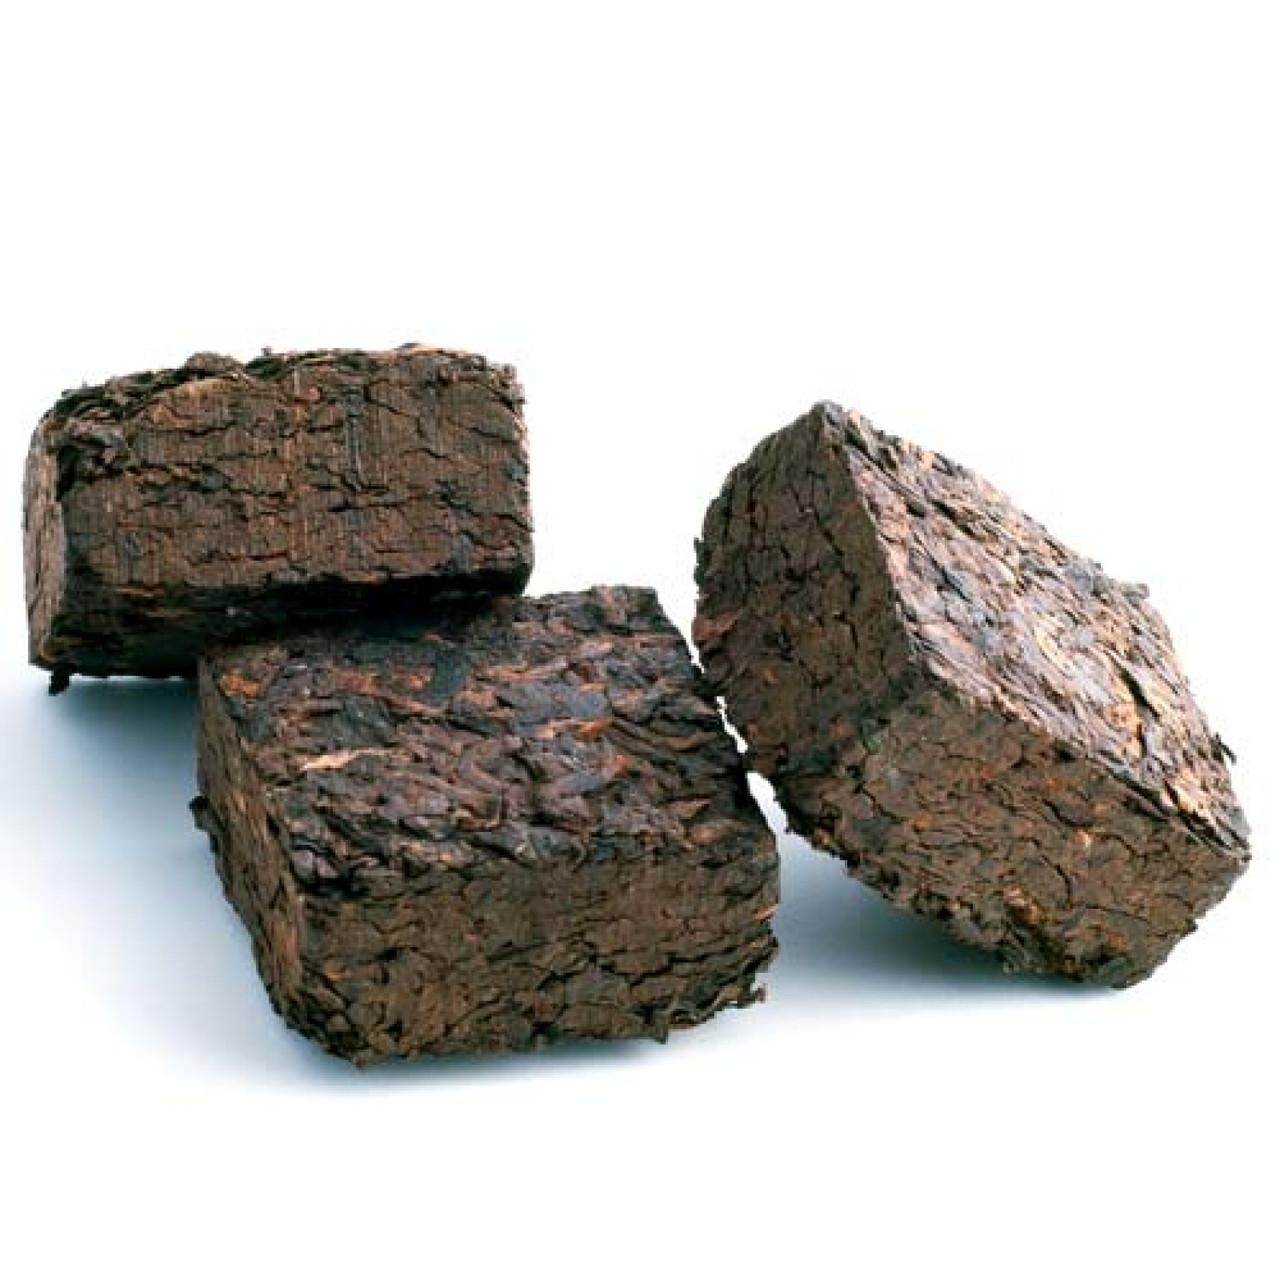 ШУ ПУ-ЭР КЛАССИЧЕСКИЙ ферментированный чистый чёрный прессованный китайский чай 50 г